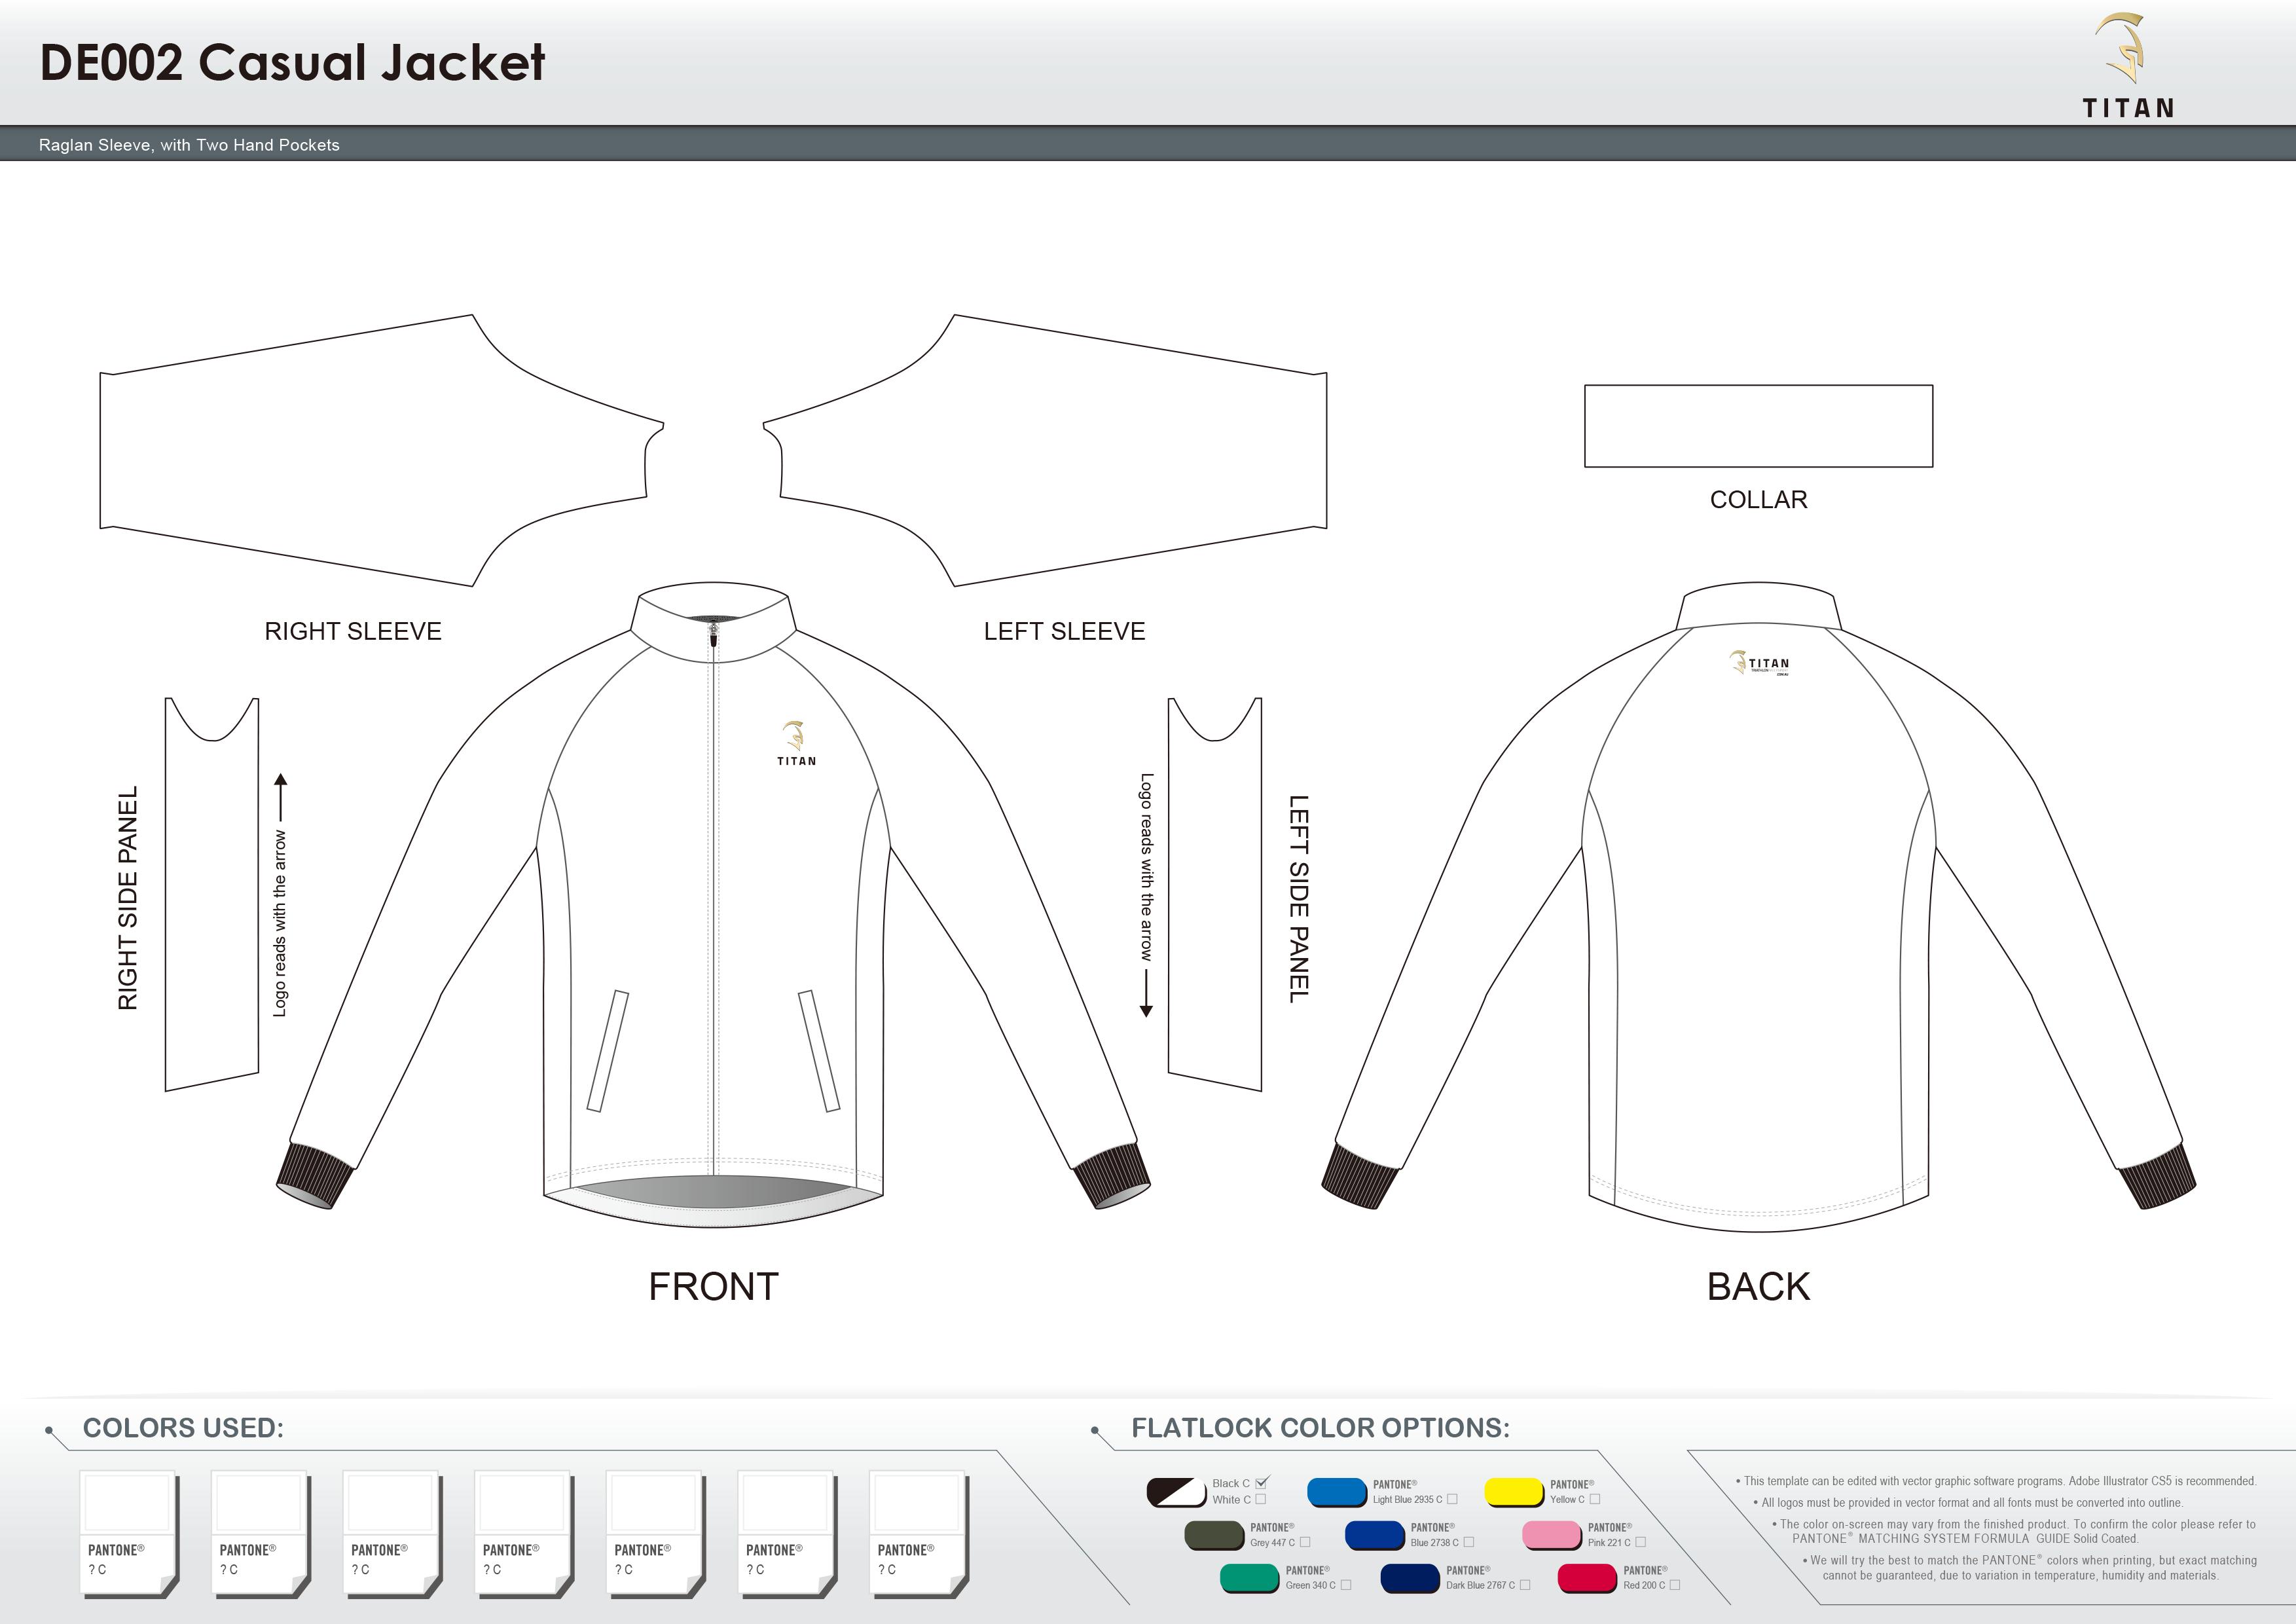 DE002 Casual Jacket